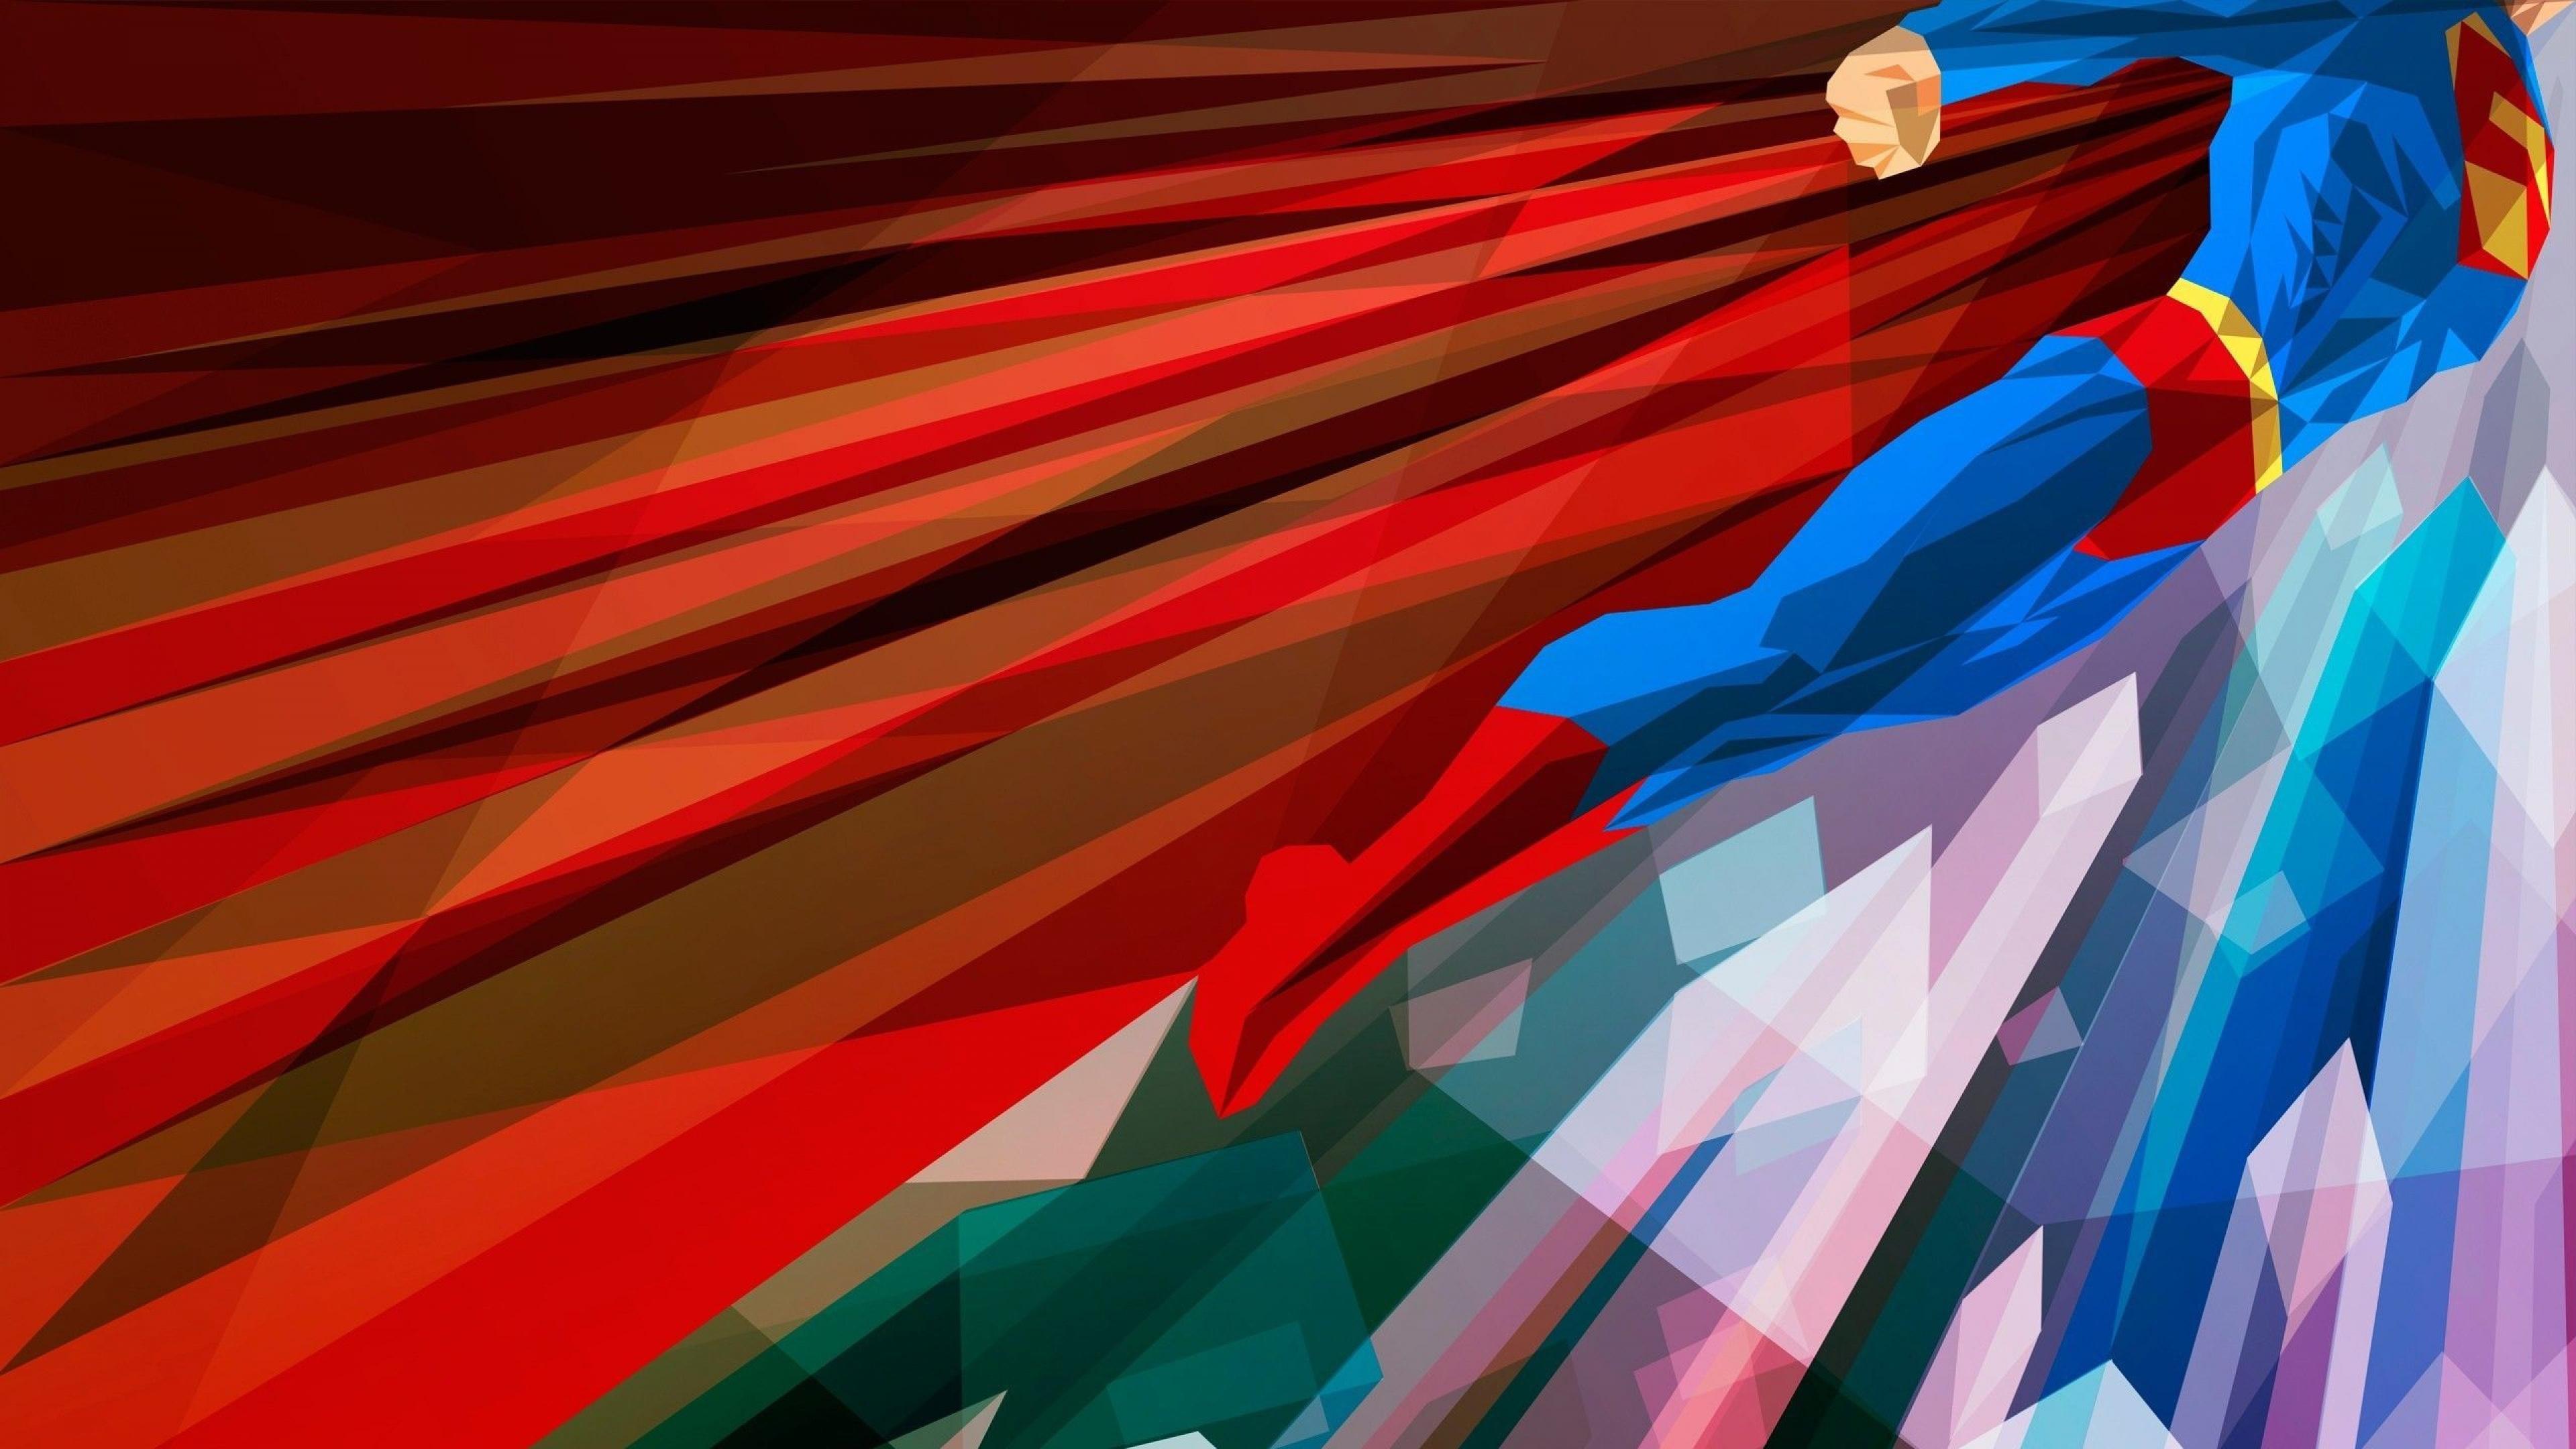 Superman Computer Wallpaper